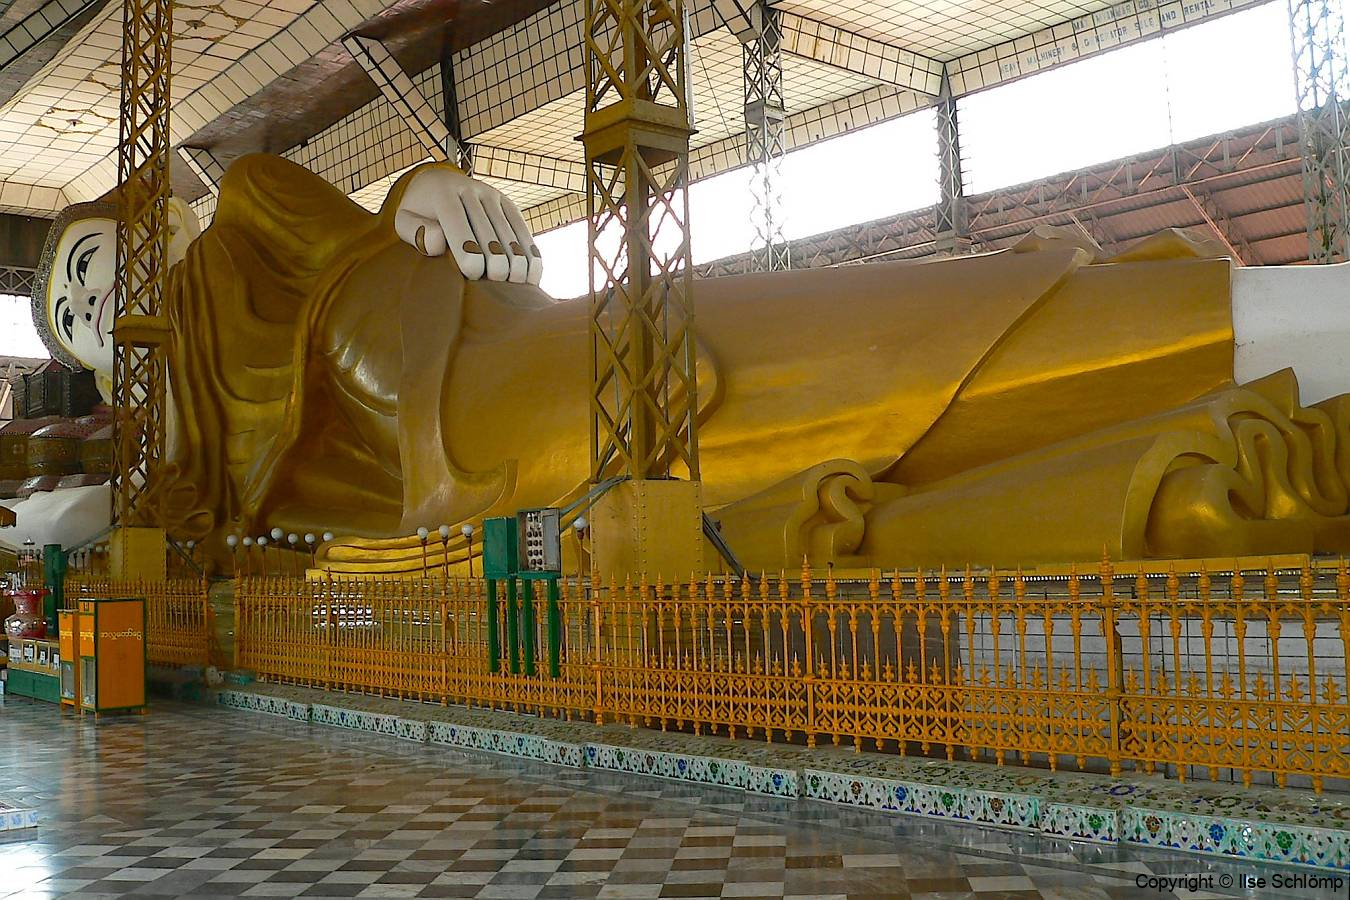 Myanmar, Bago, Shwe Thalyaung Pagode, Liegender Buddha von Bago, 55 m Länge, 16 m Höhe